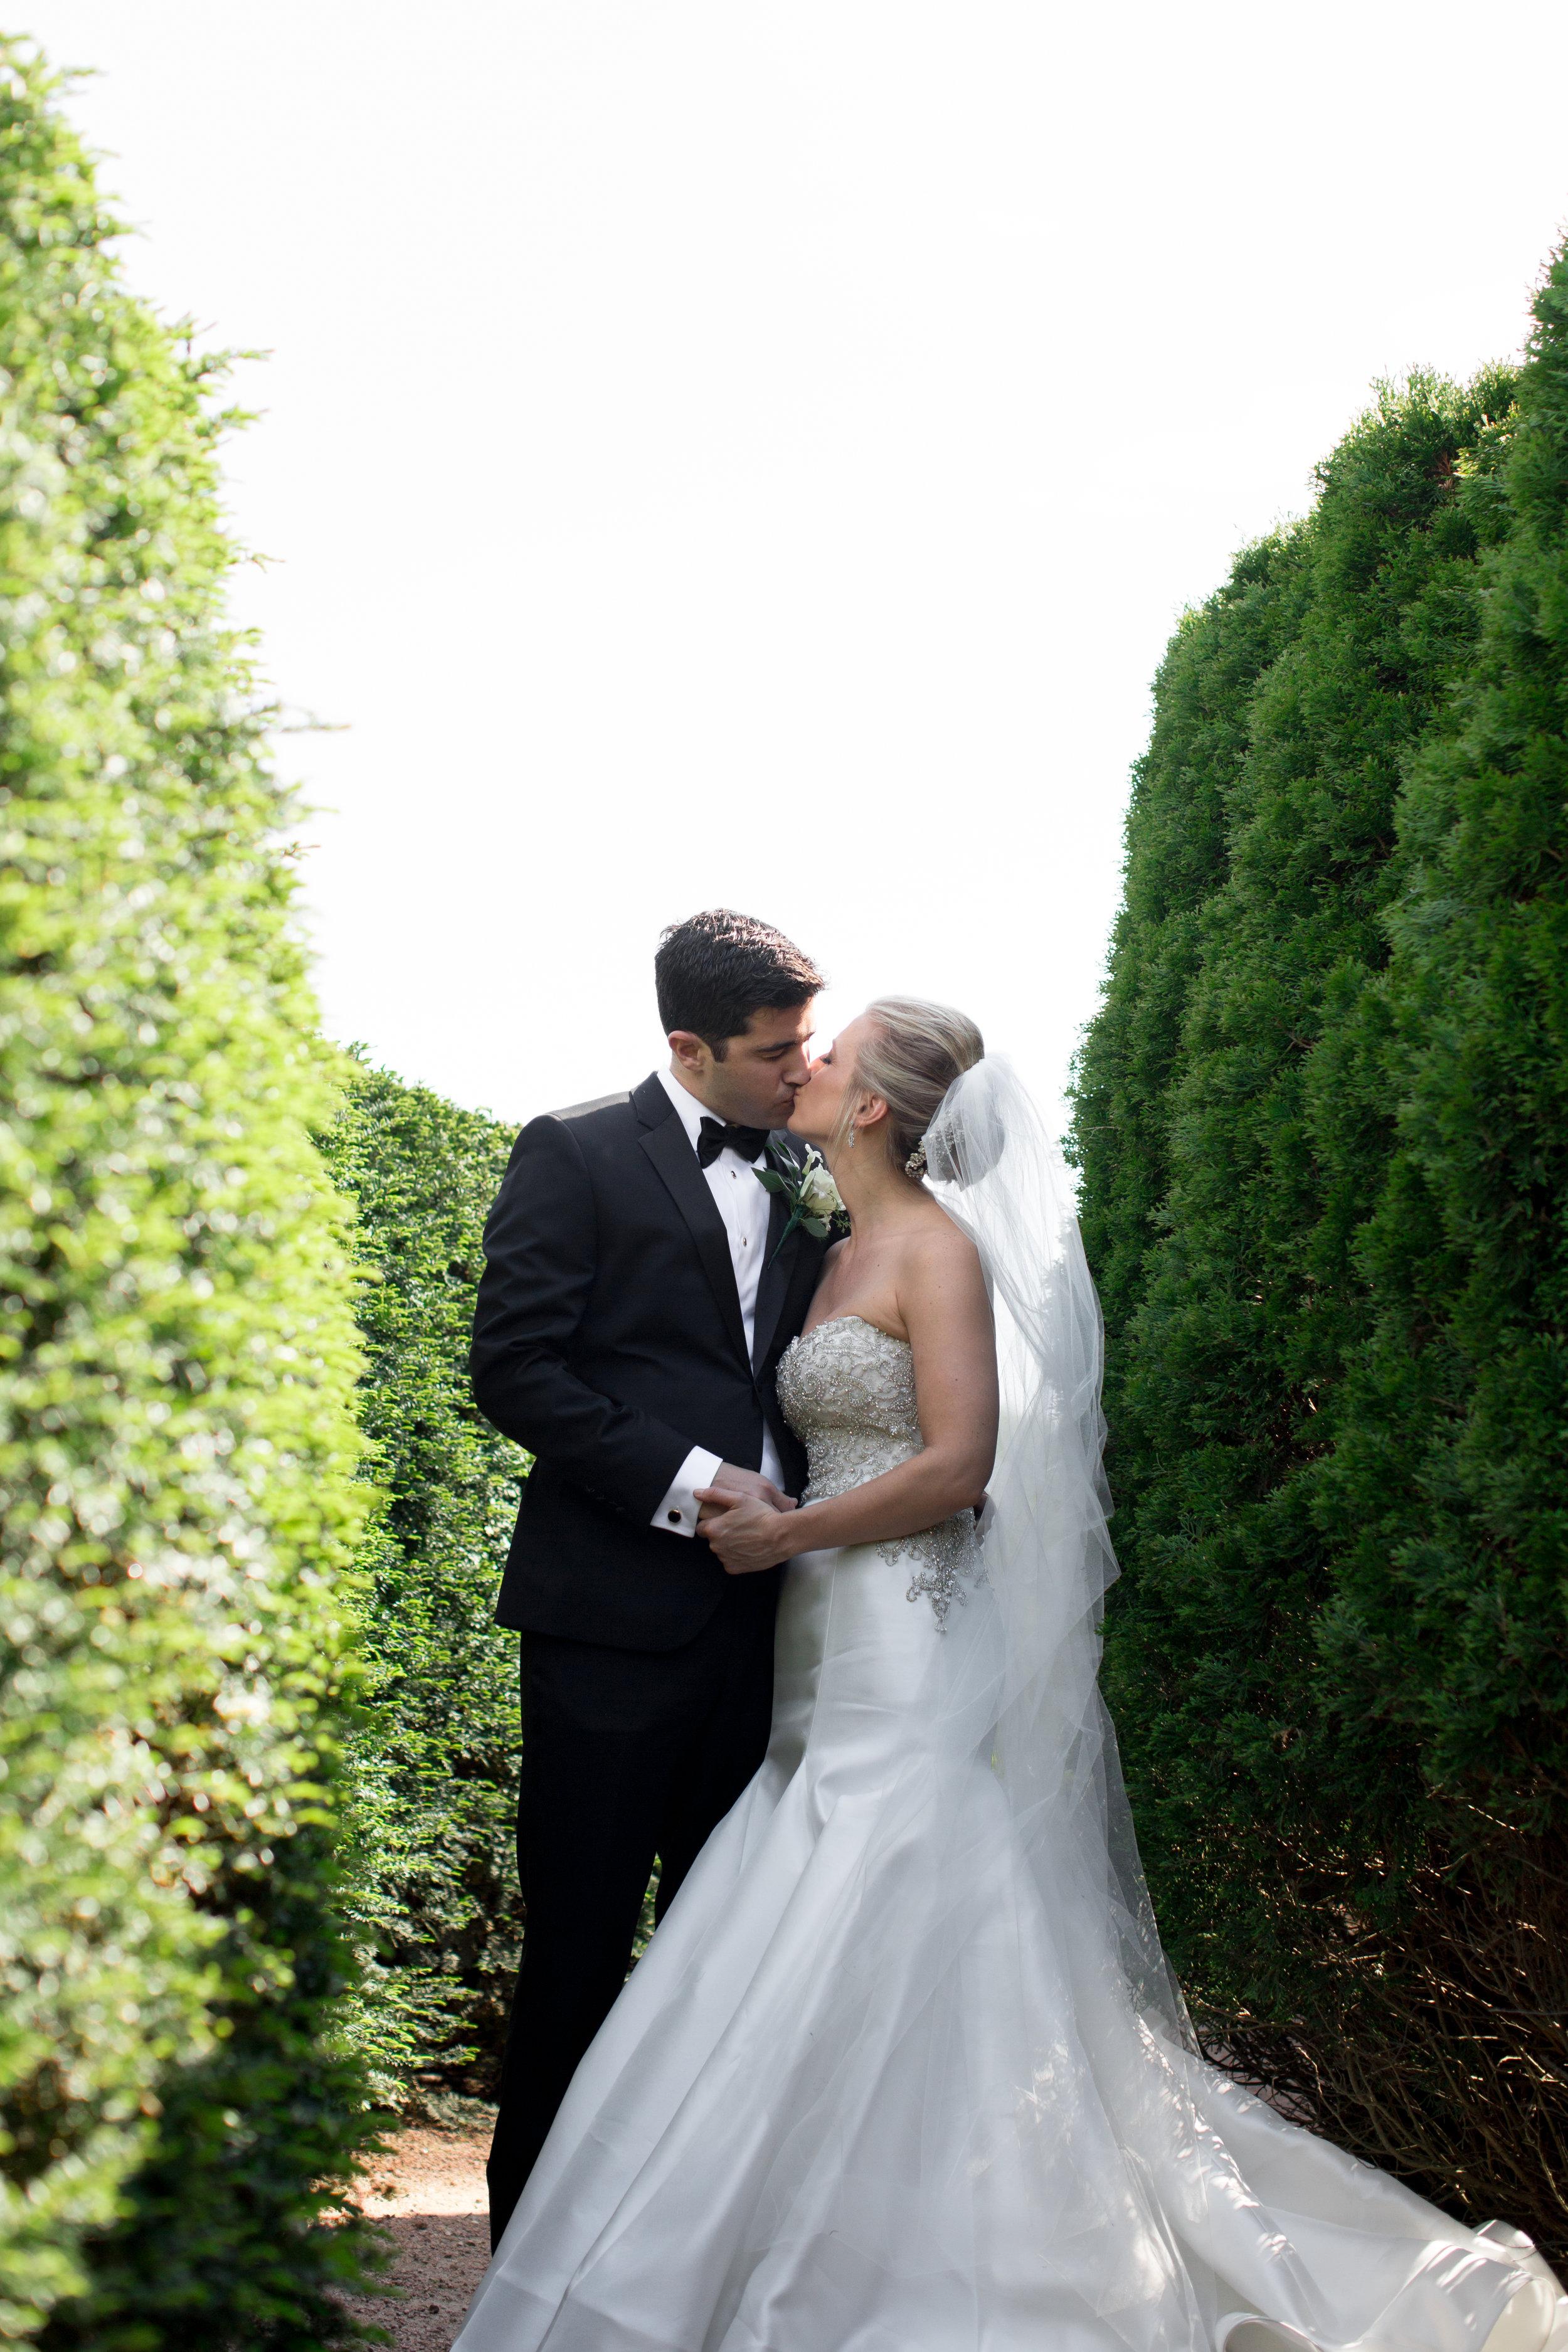 LisaDiederichPhotography_Michelle&DannyWedding_Blog-42.jpg